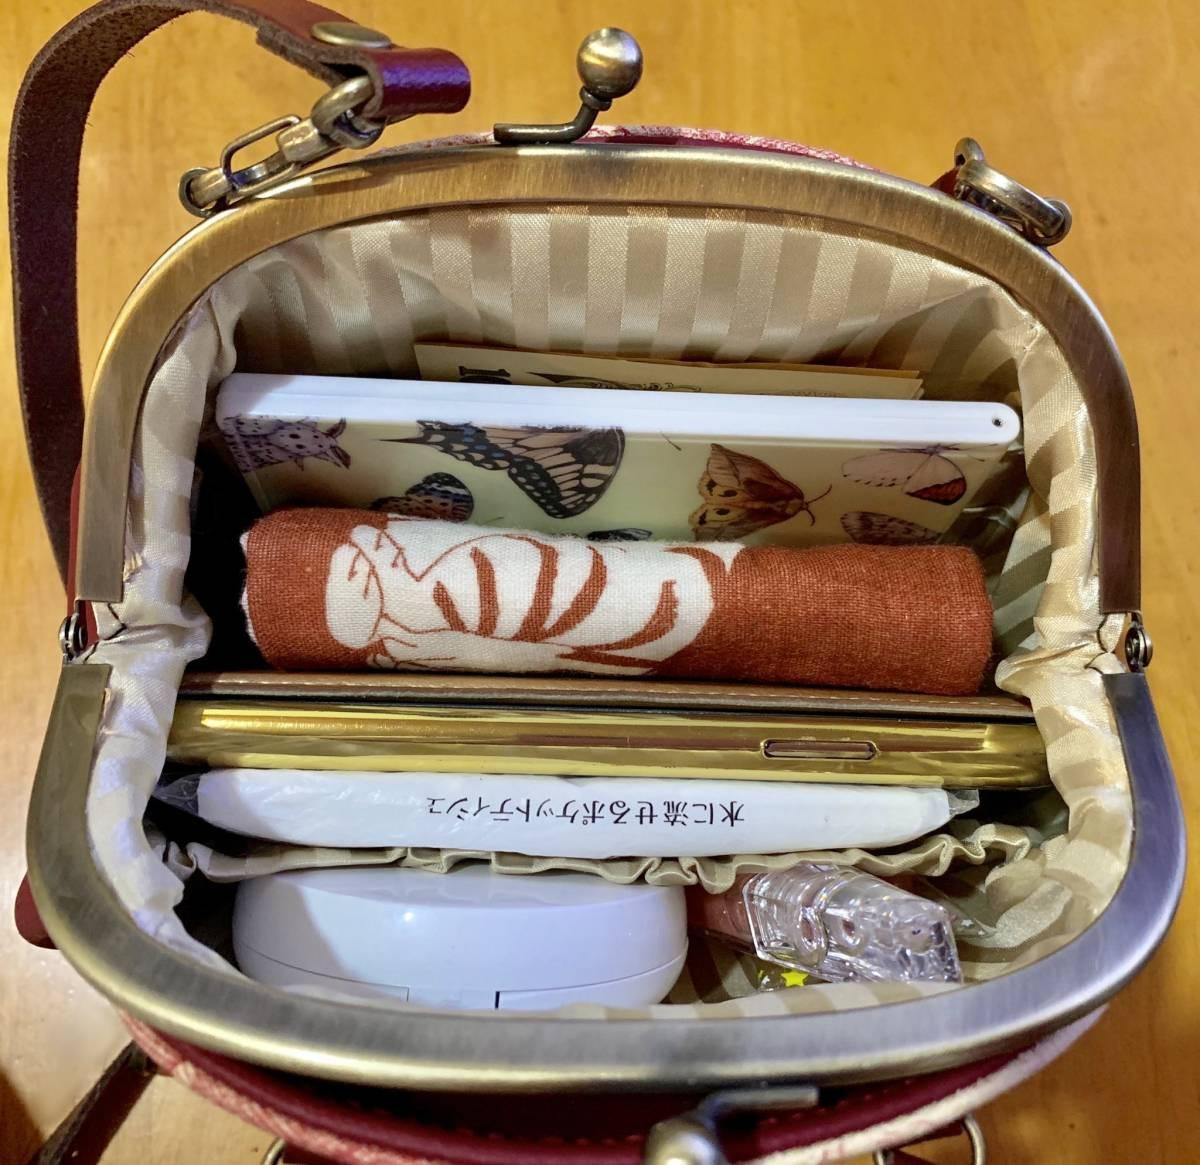 シュ・シノワコラボレーション「Chocolate mint」のバルドゥリエット【リンブッソル公式】_画像8